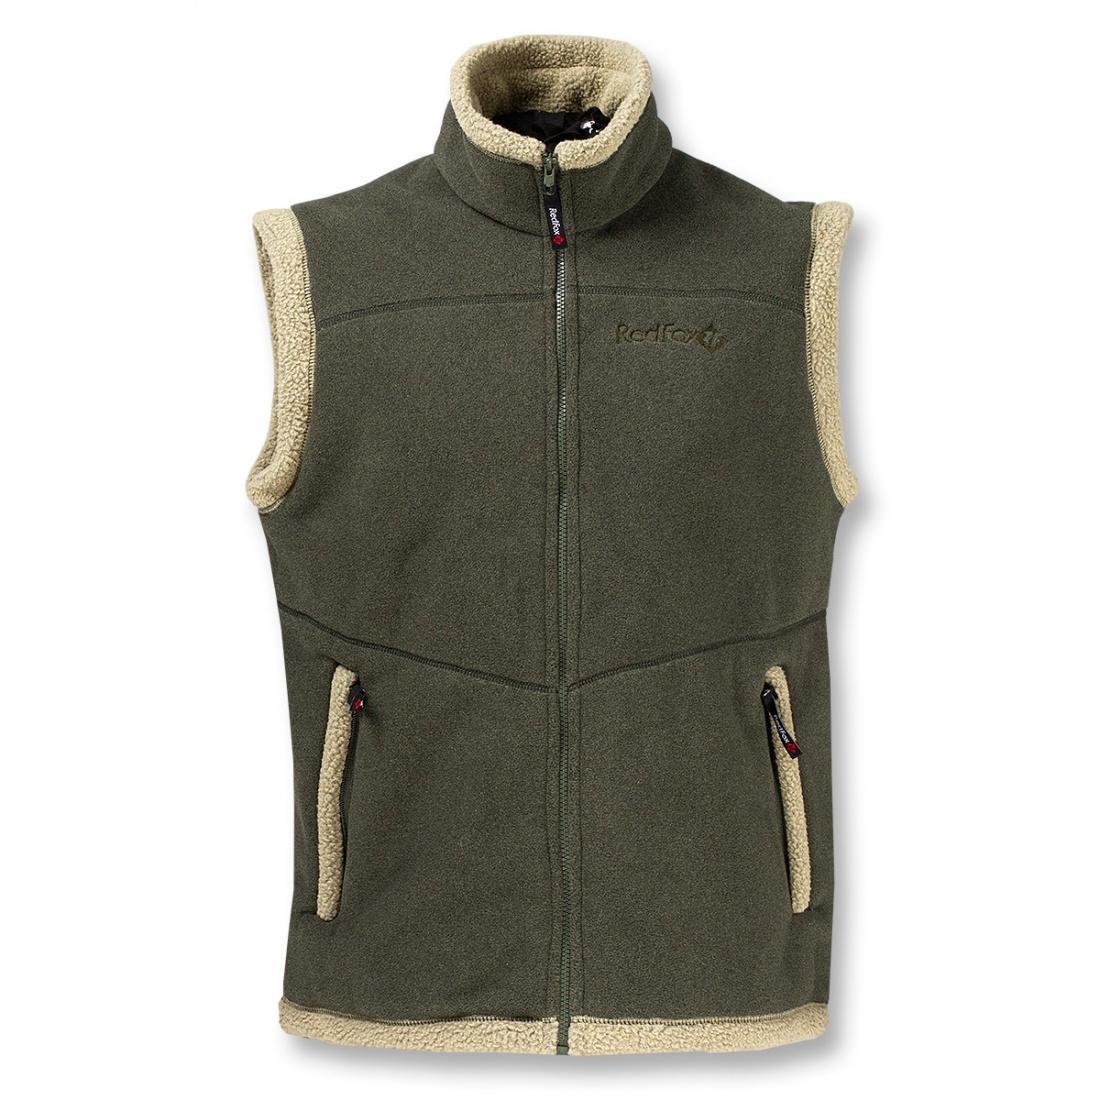 Жилет LhasaЖилеты<br><br> Очень теплый жилет из материала Polartec® 300, выполненный в стилистике куртки Cliff.<br><br><br> Основные характеристики<br><br><br><br><br>воротник ...<br><br>Цвет: Зеленый<br>Размер: 44